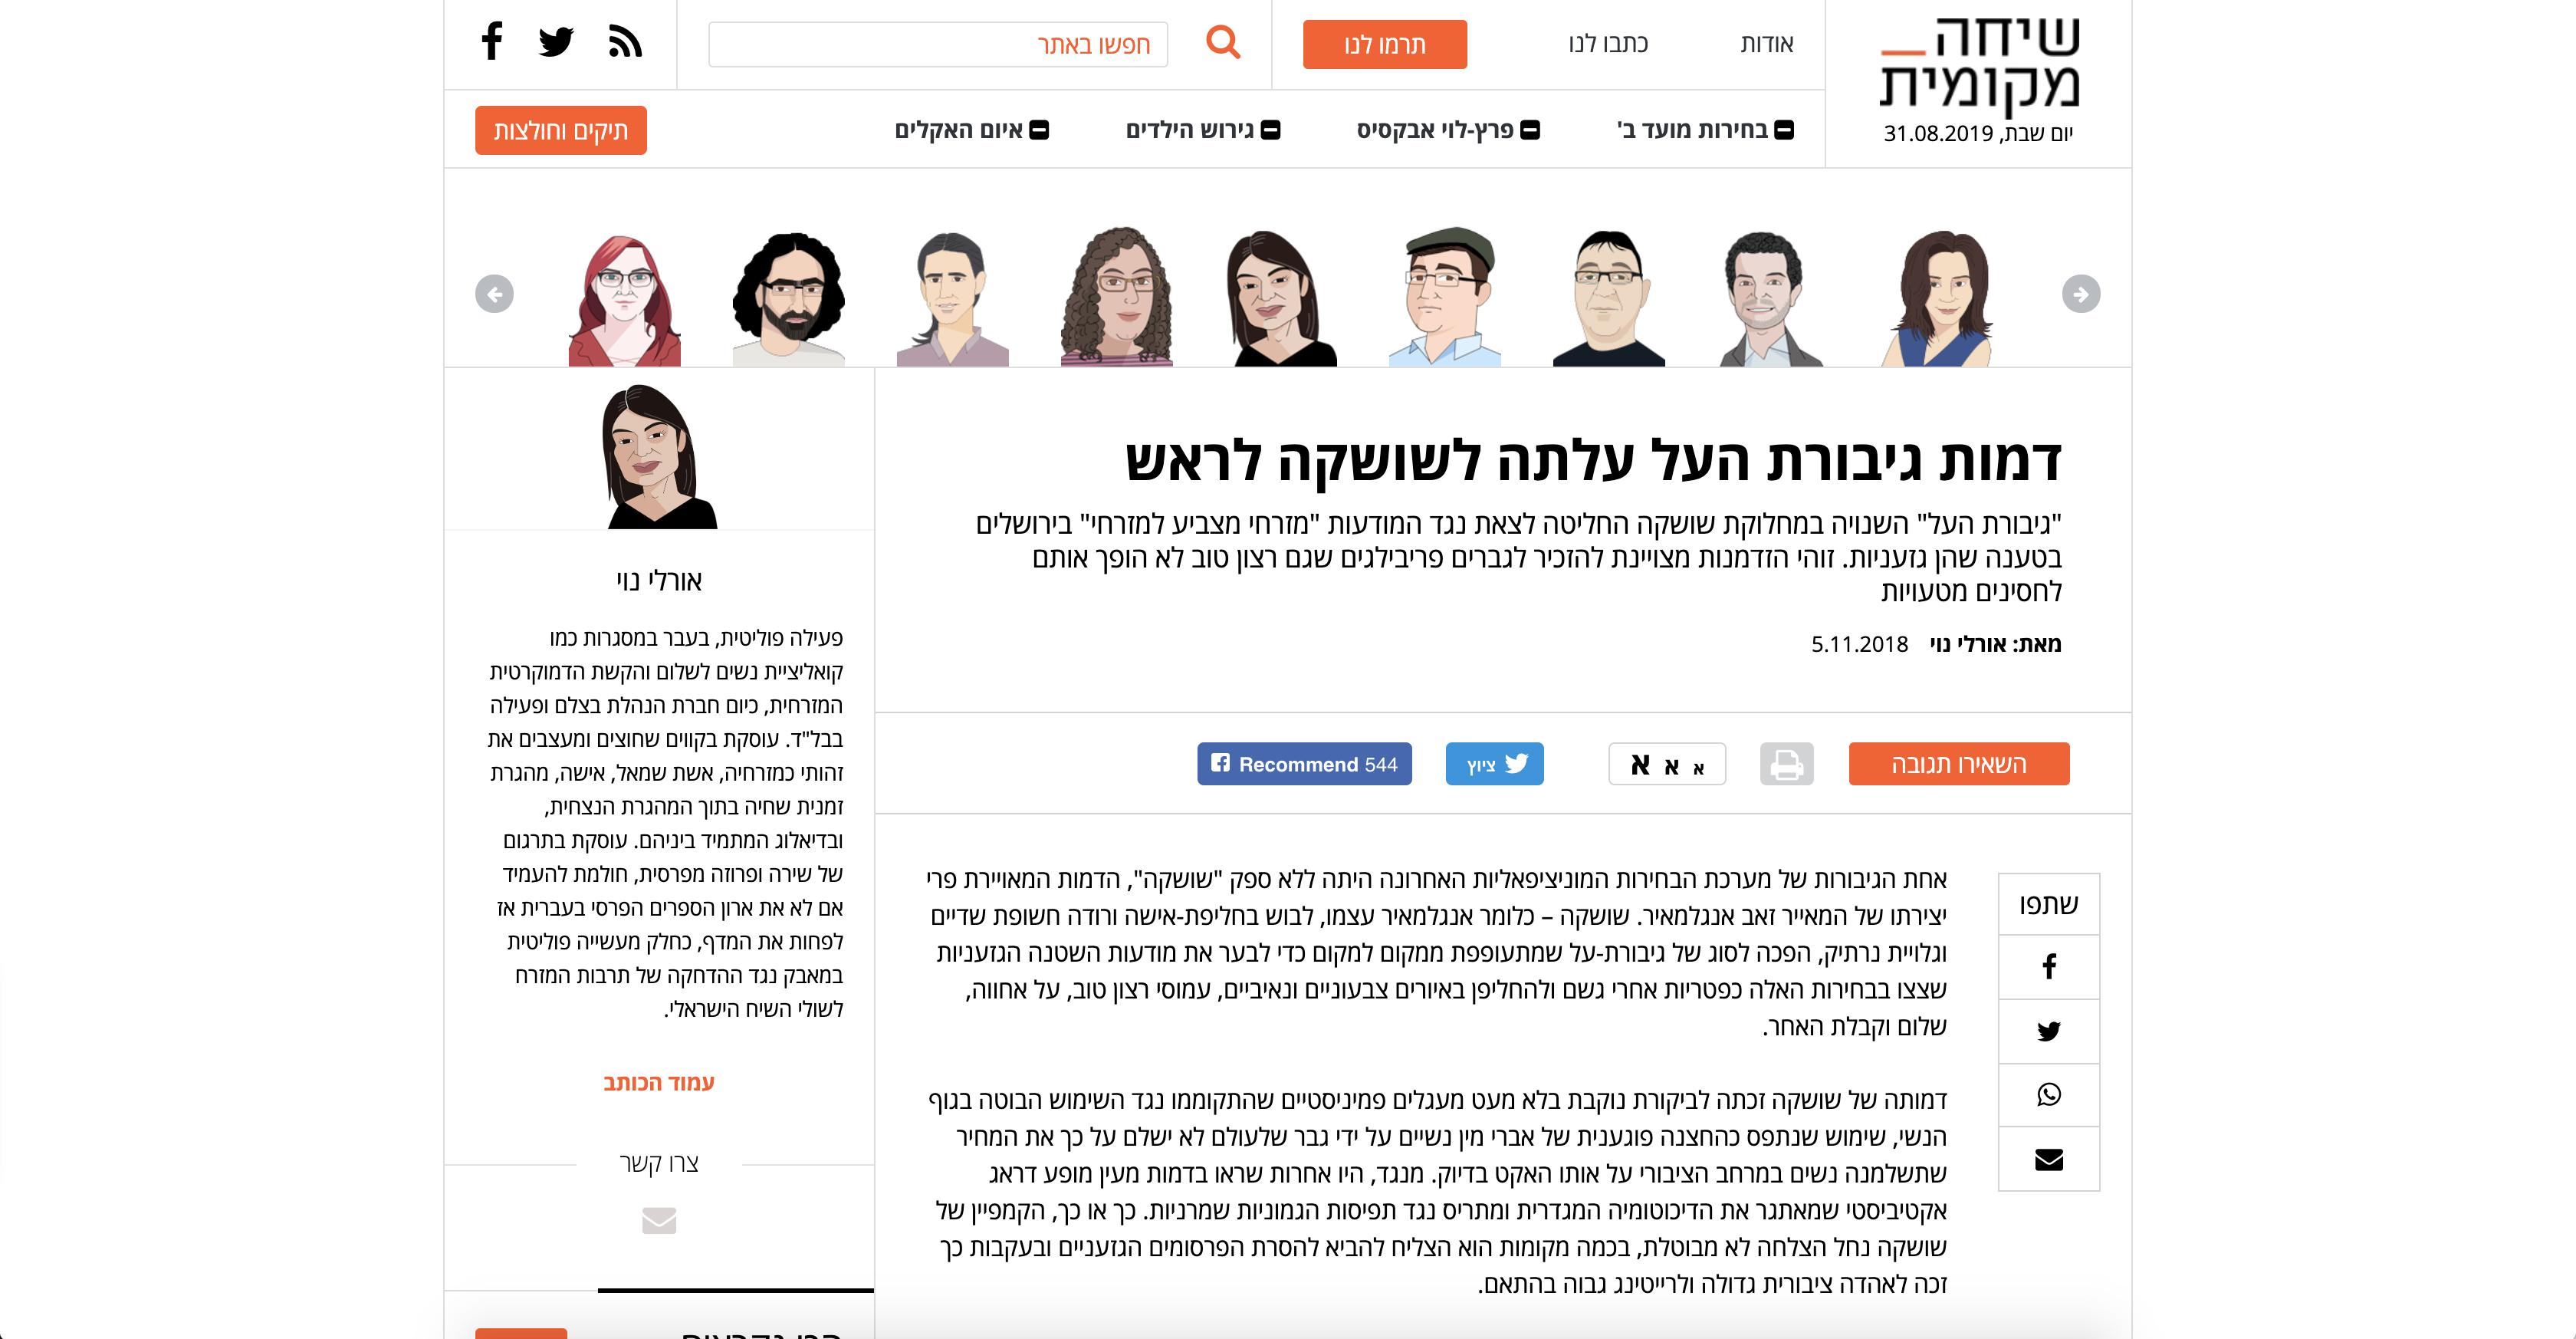 צילום מסך מתוך האתר ׳שיחה מקומית׳